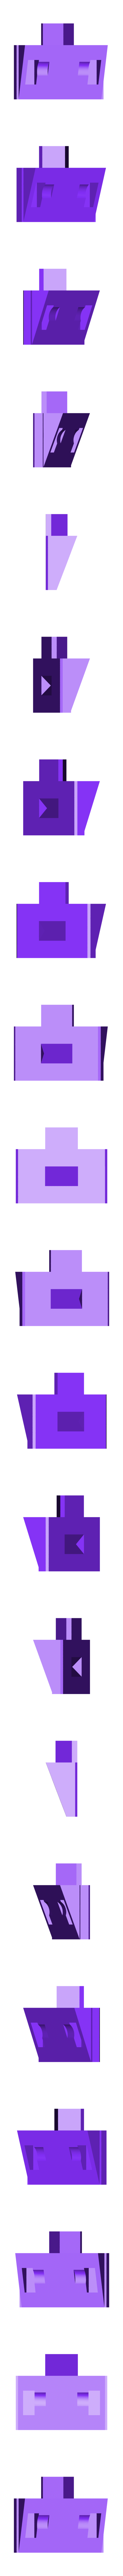 Body_Front.STL Download STL file LiL FRONT LOADER • 3D printable template, biglildesign